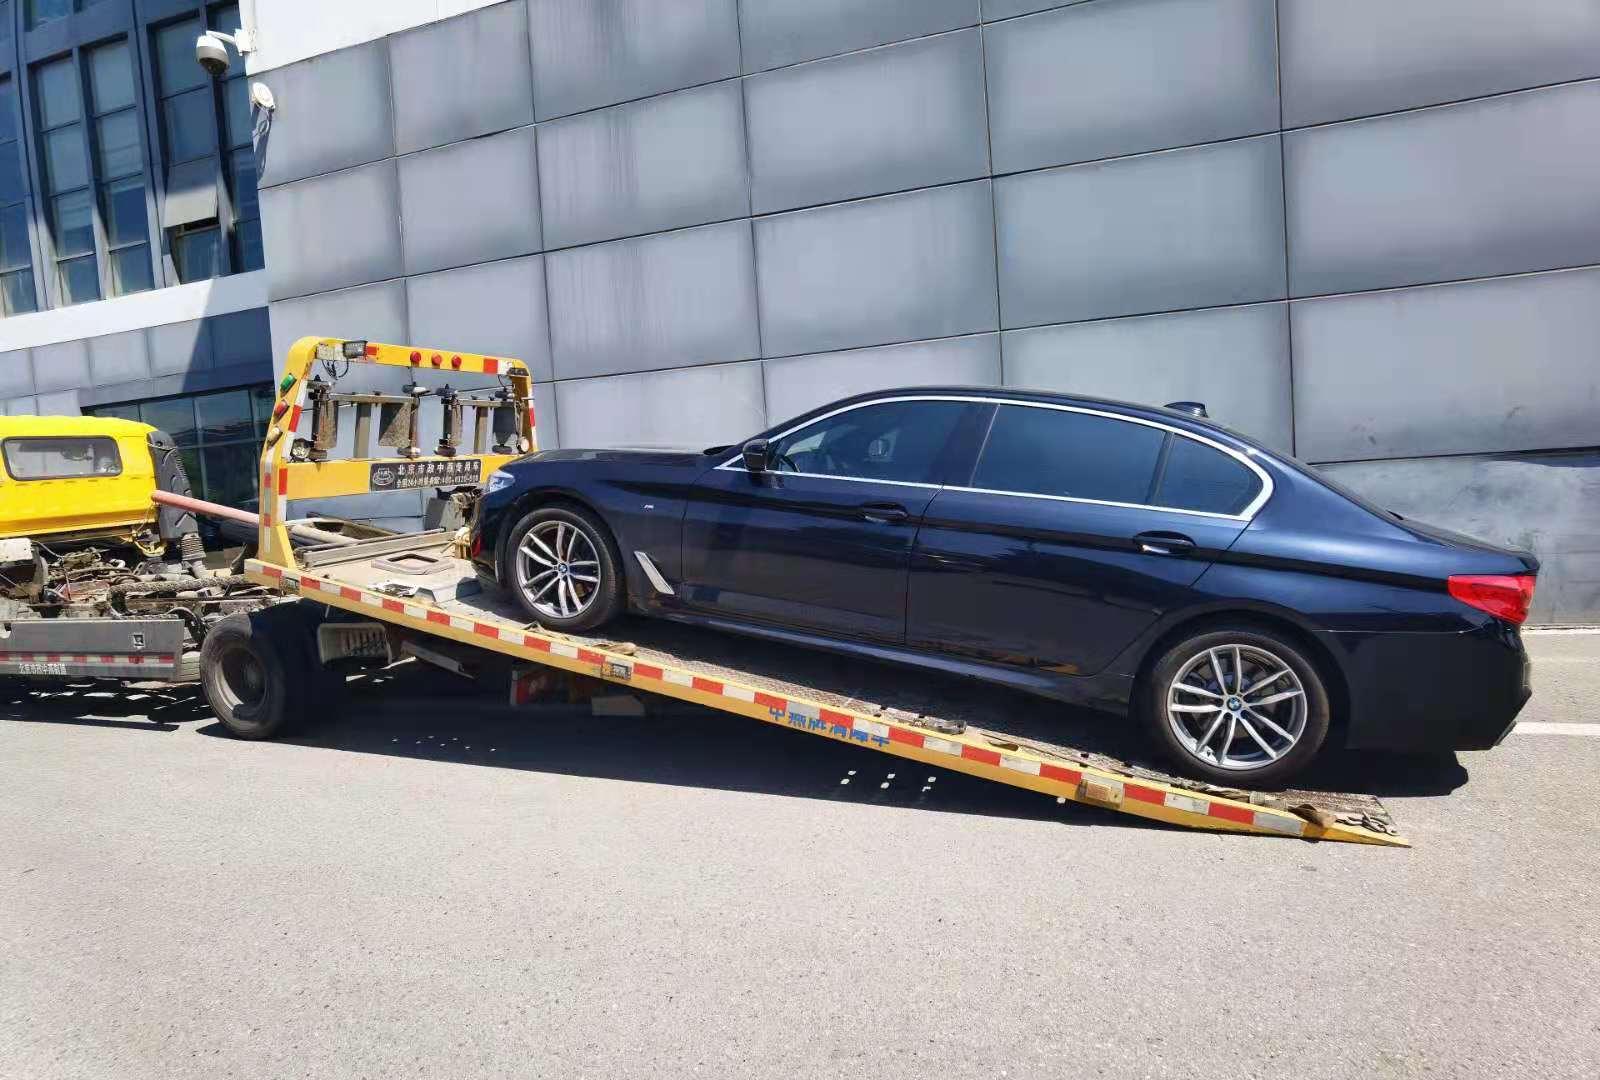 車主調查:寶馬燃油泵故障頻發,新車毫無征兆熄火的背後卻是老問題?